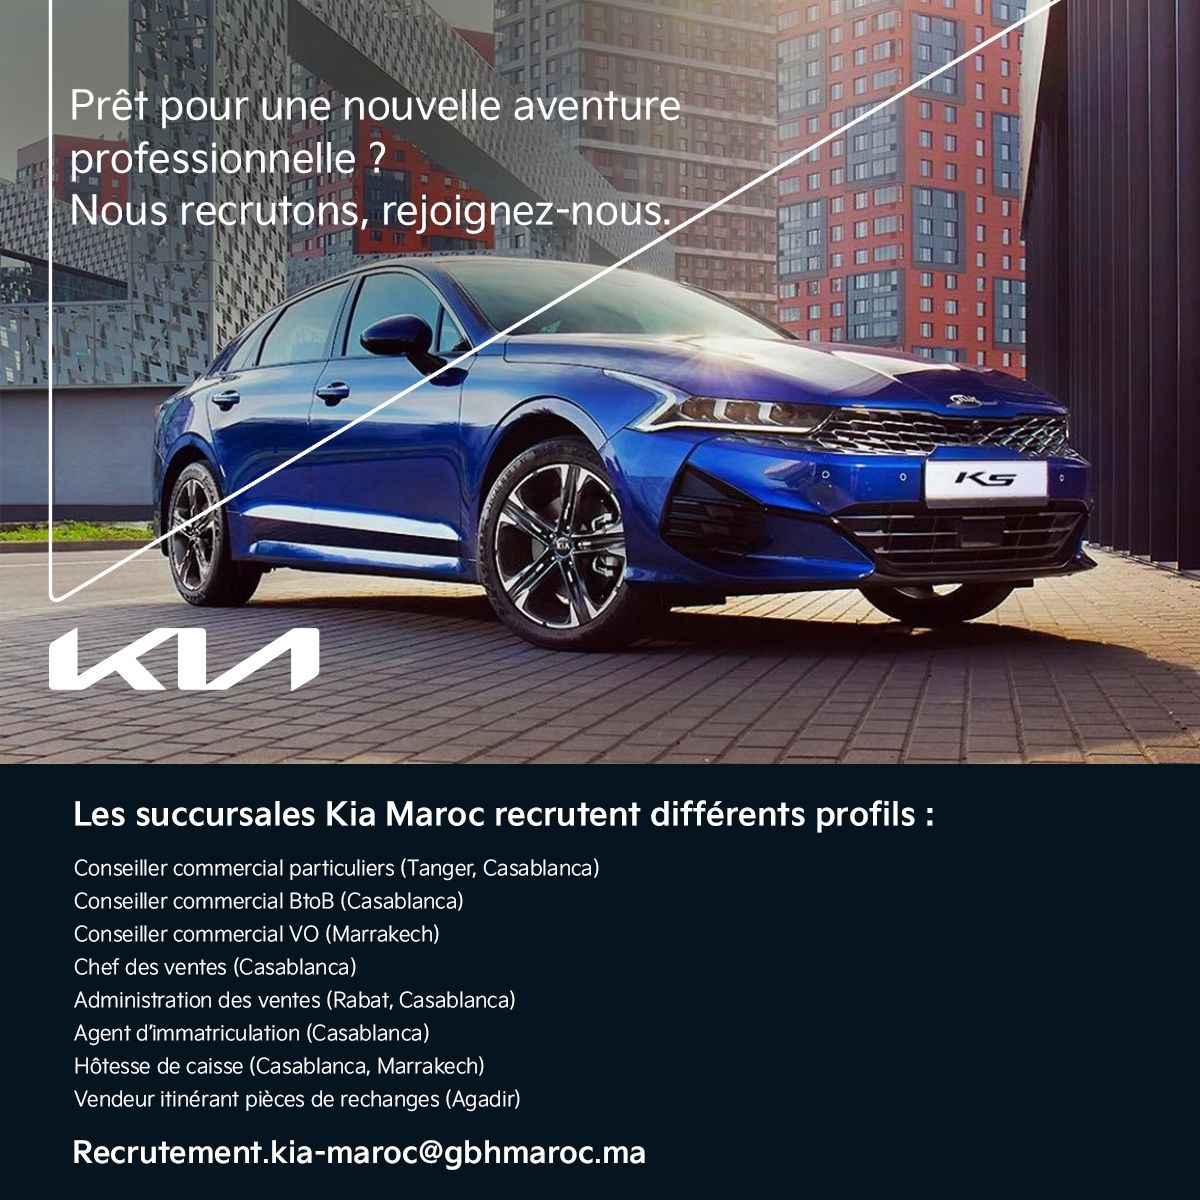 Kia Maroc Campagne Recrutement